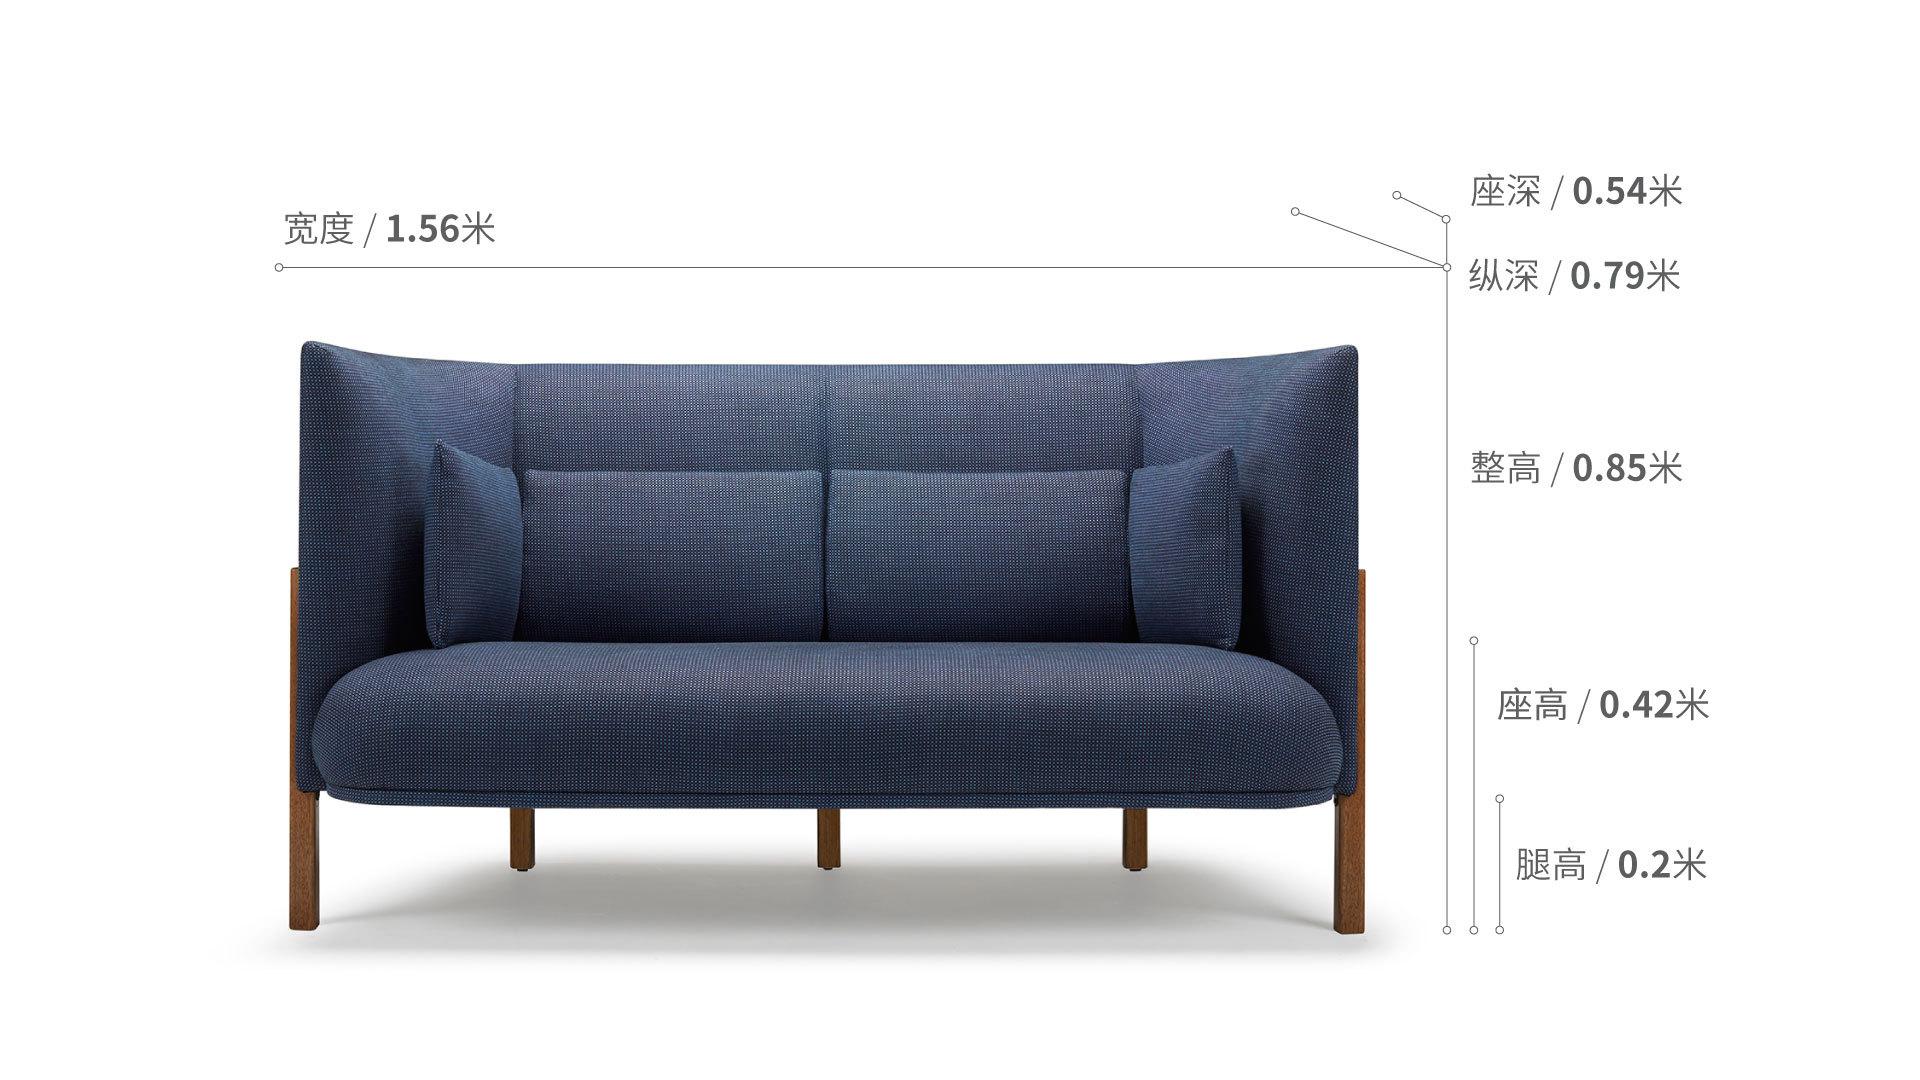 COFA?雙人座沙發效果圖